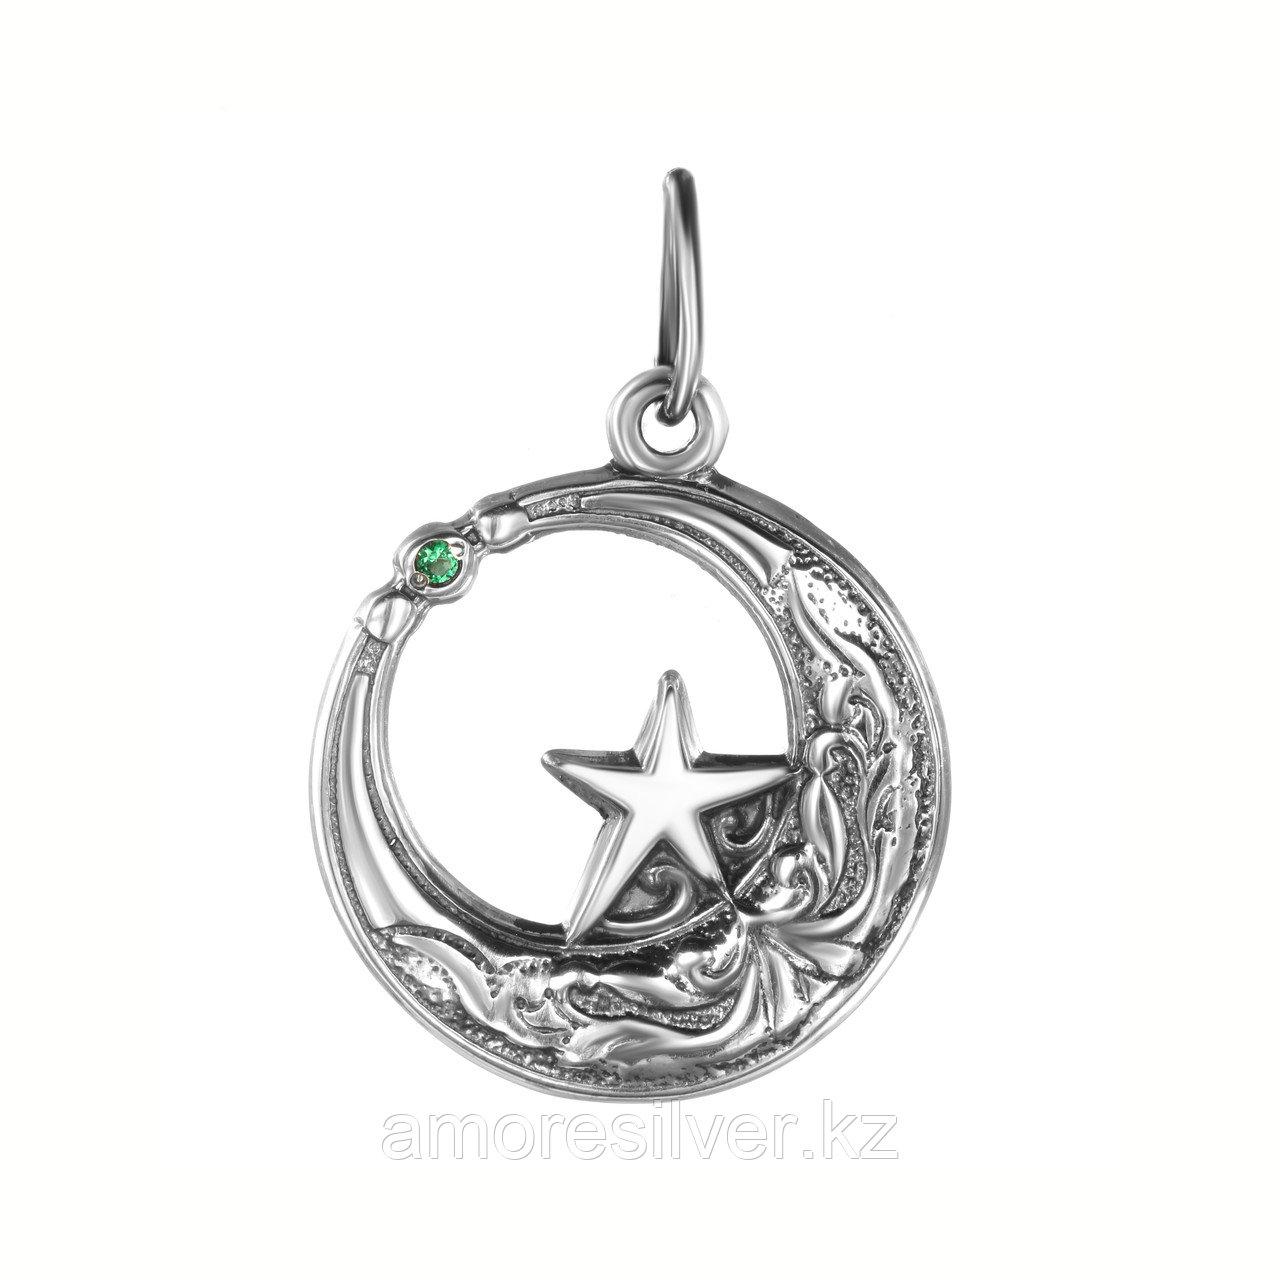 SOKOLOV серебро с позолотой, жемчуг имит. фианит юи 152011ч